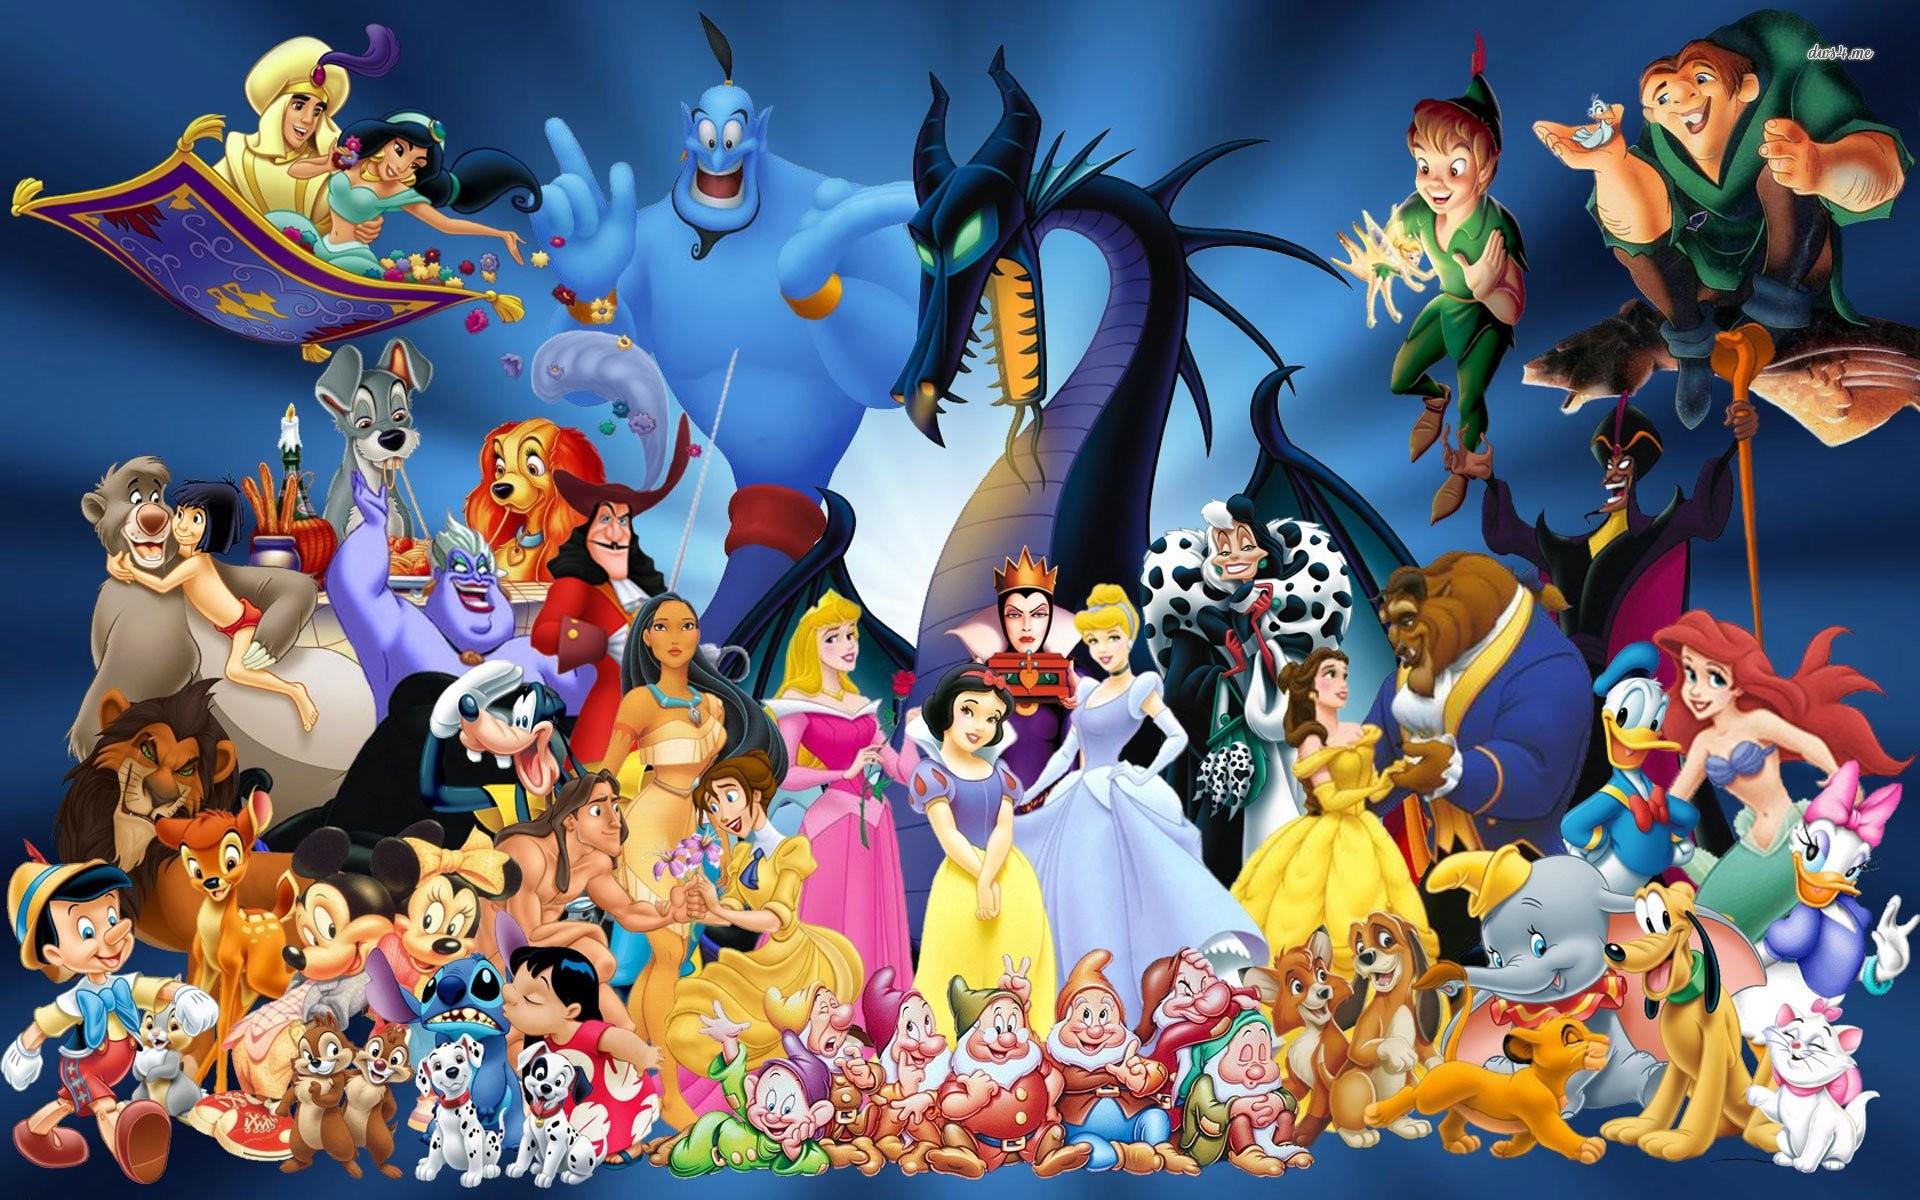 Disney Wallpaper 66 Pictures